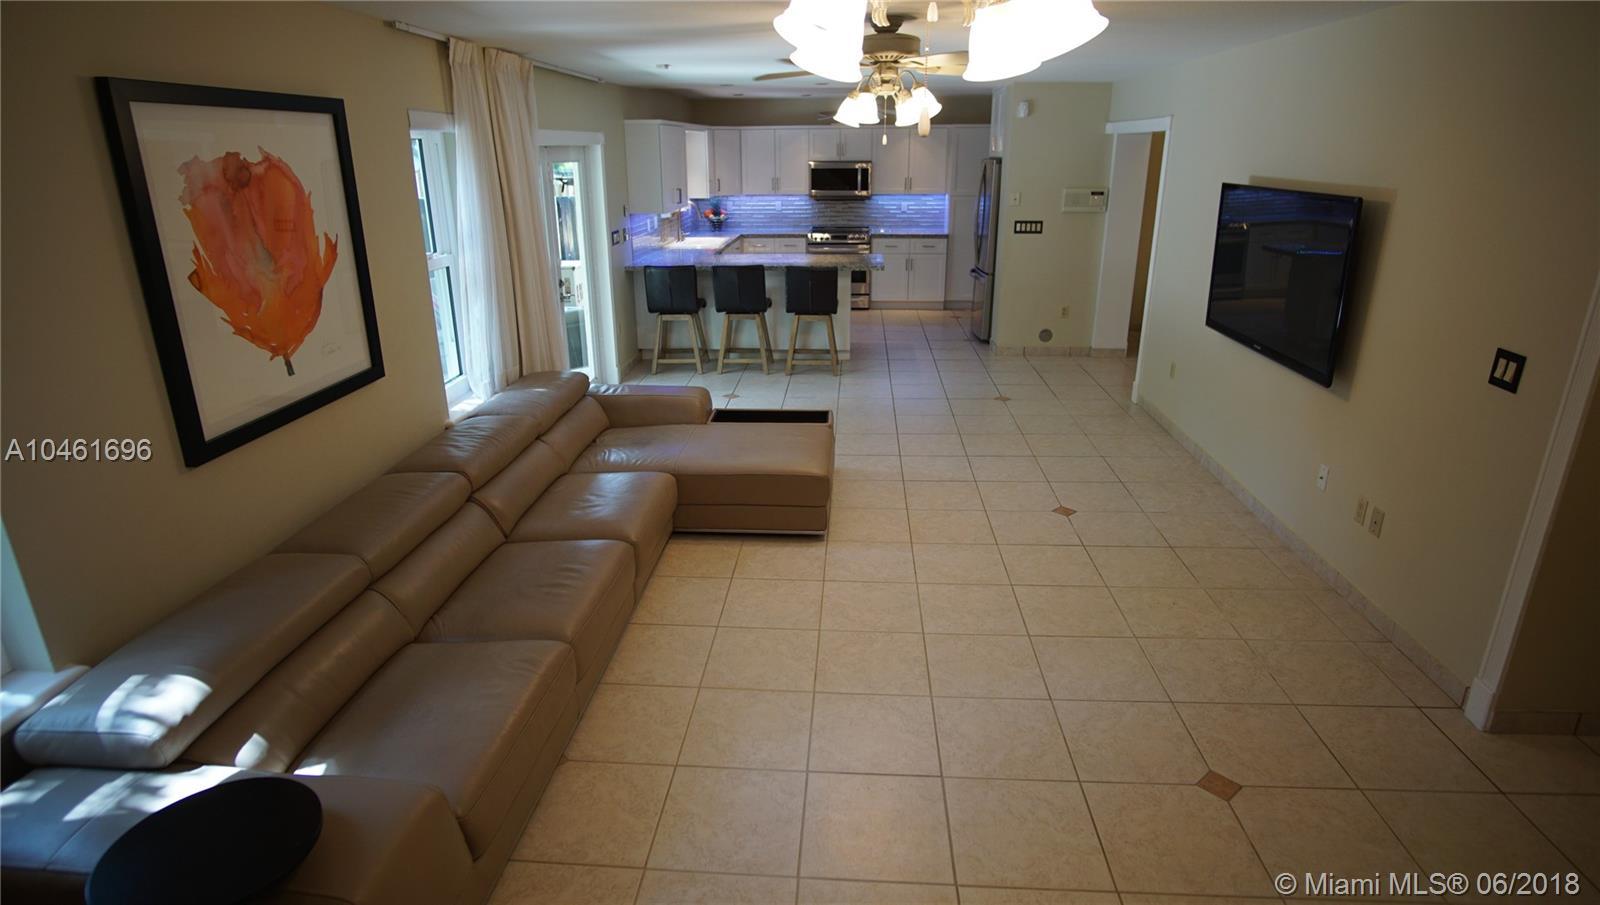 3726 Sw 60th Ave, Miami FL, 33155